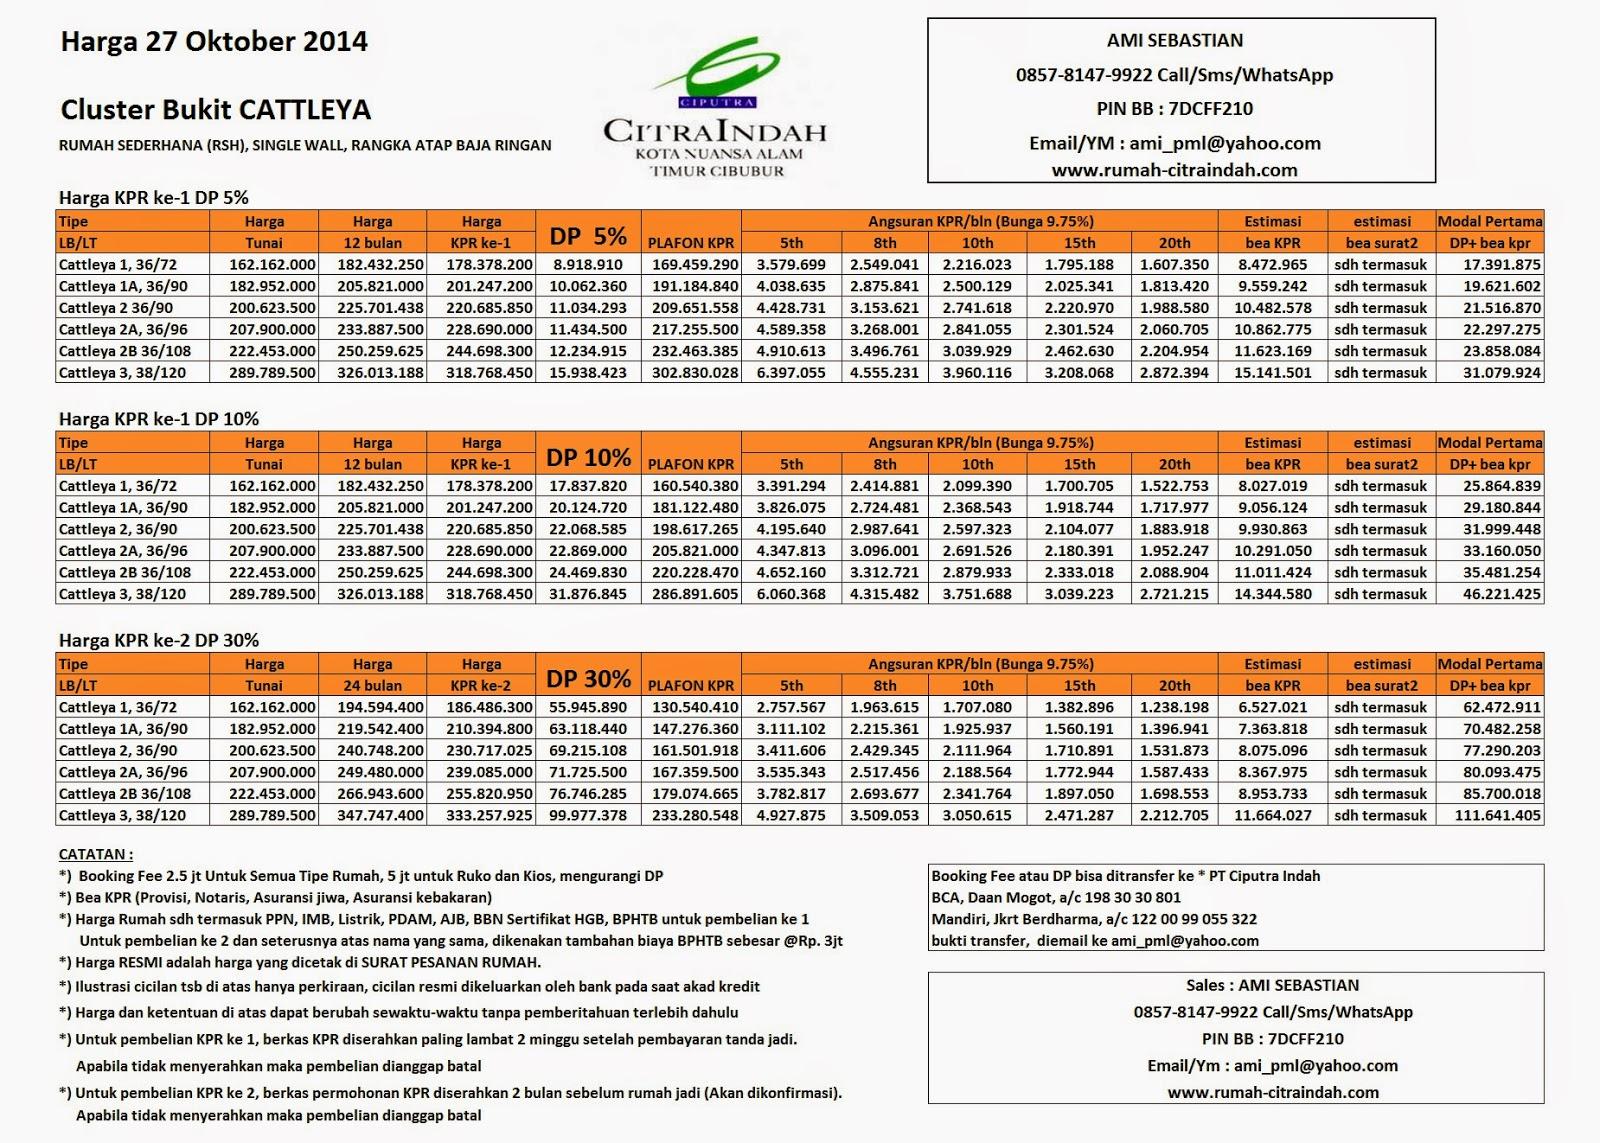 harga-cattleya-citra-indah-oktober-2014